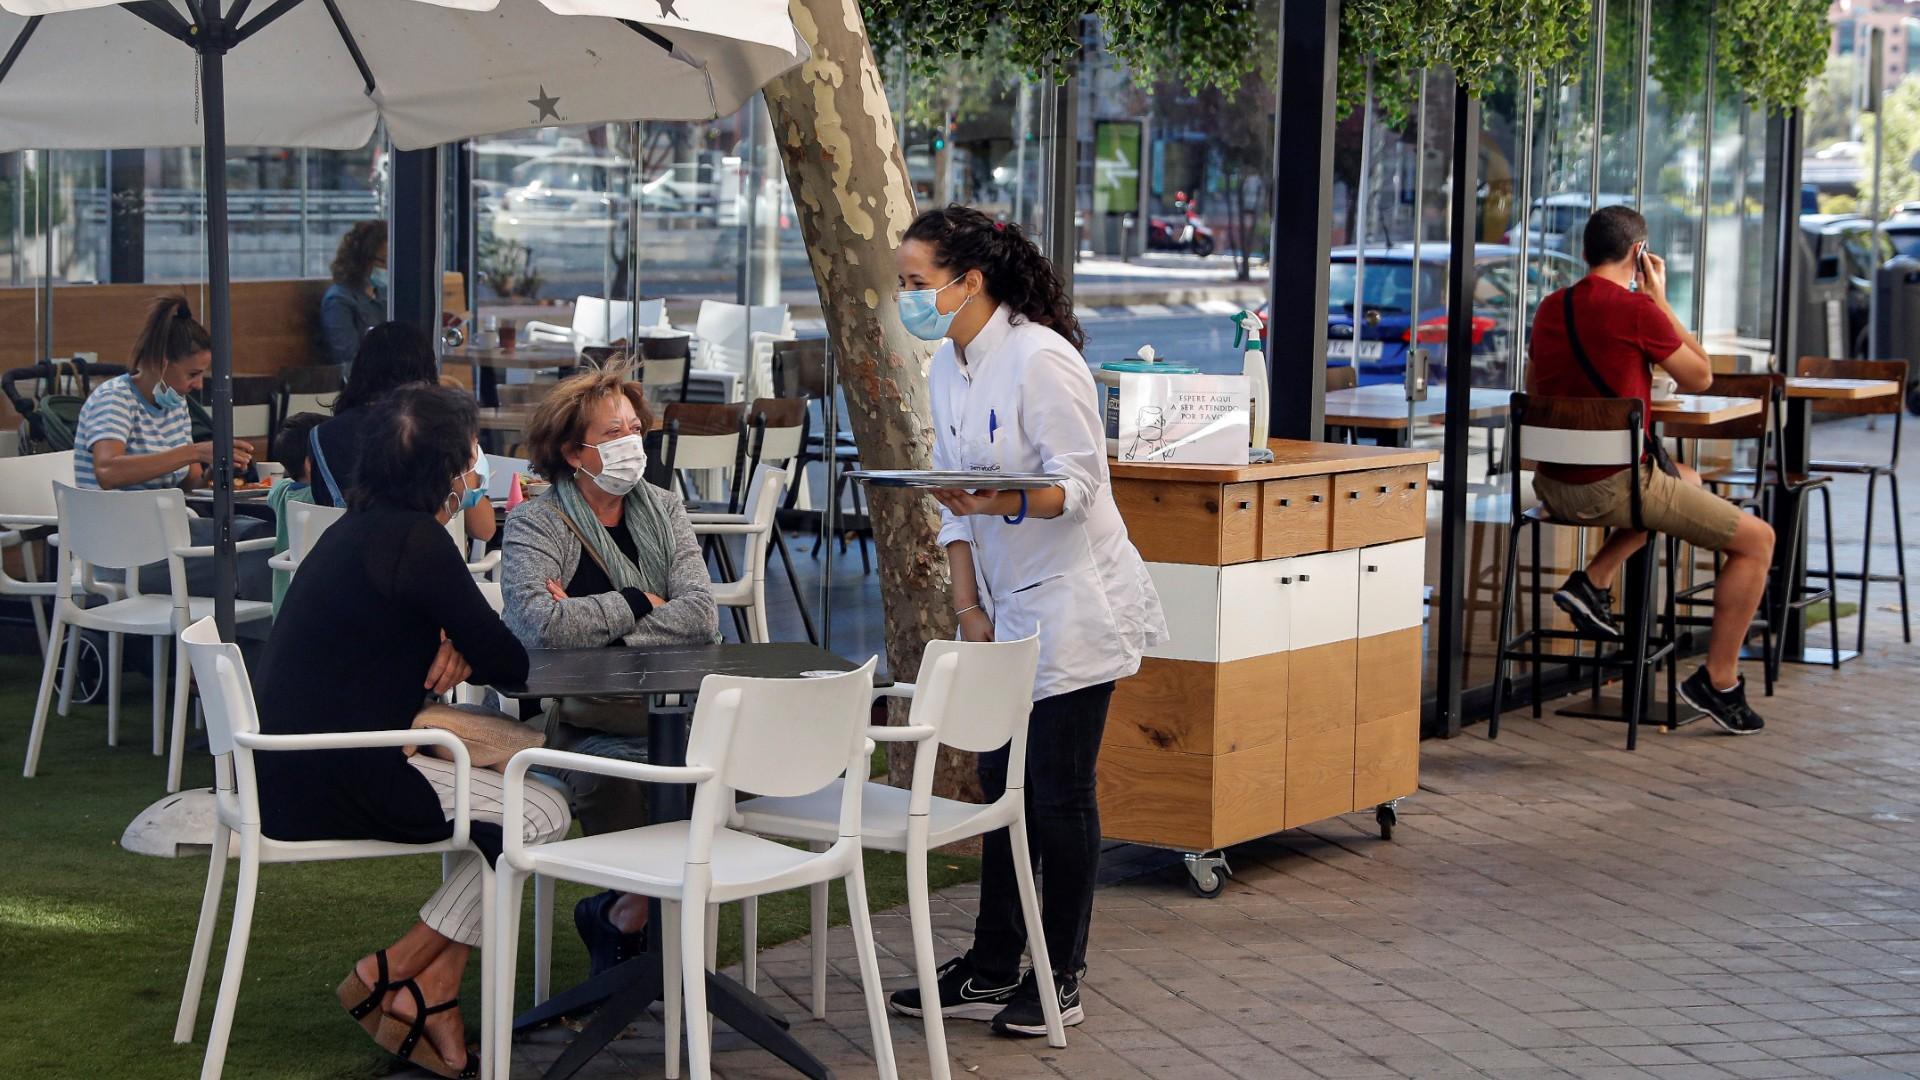 La hostelería de los barrios afectados de Madrid clama contra las restricciones: «No sabemos cuánto podremos aguantar»